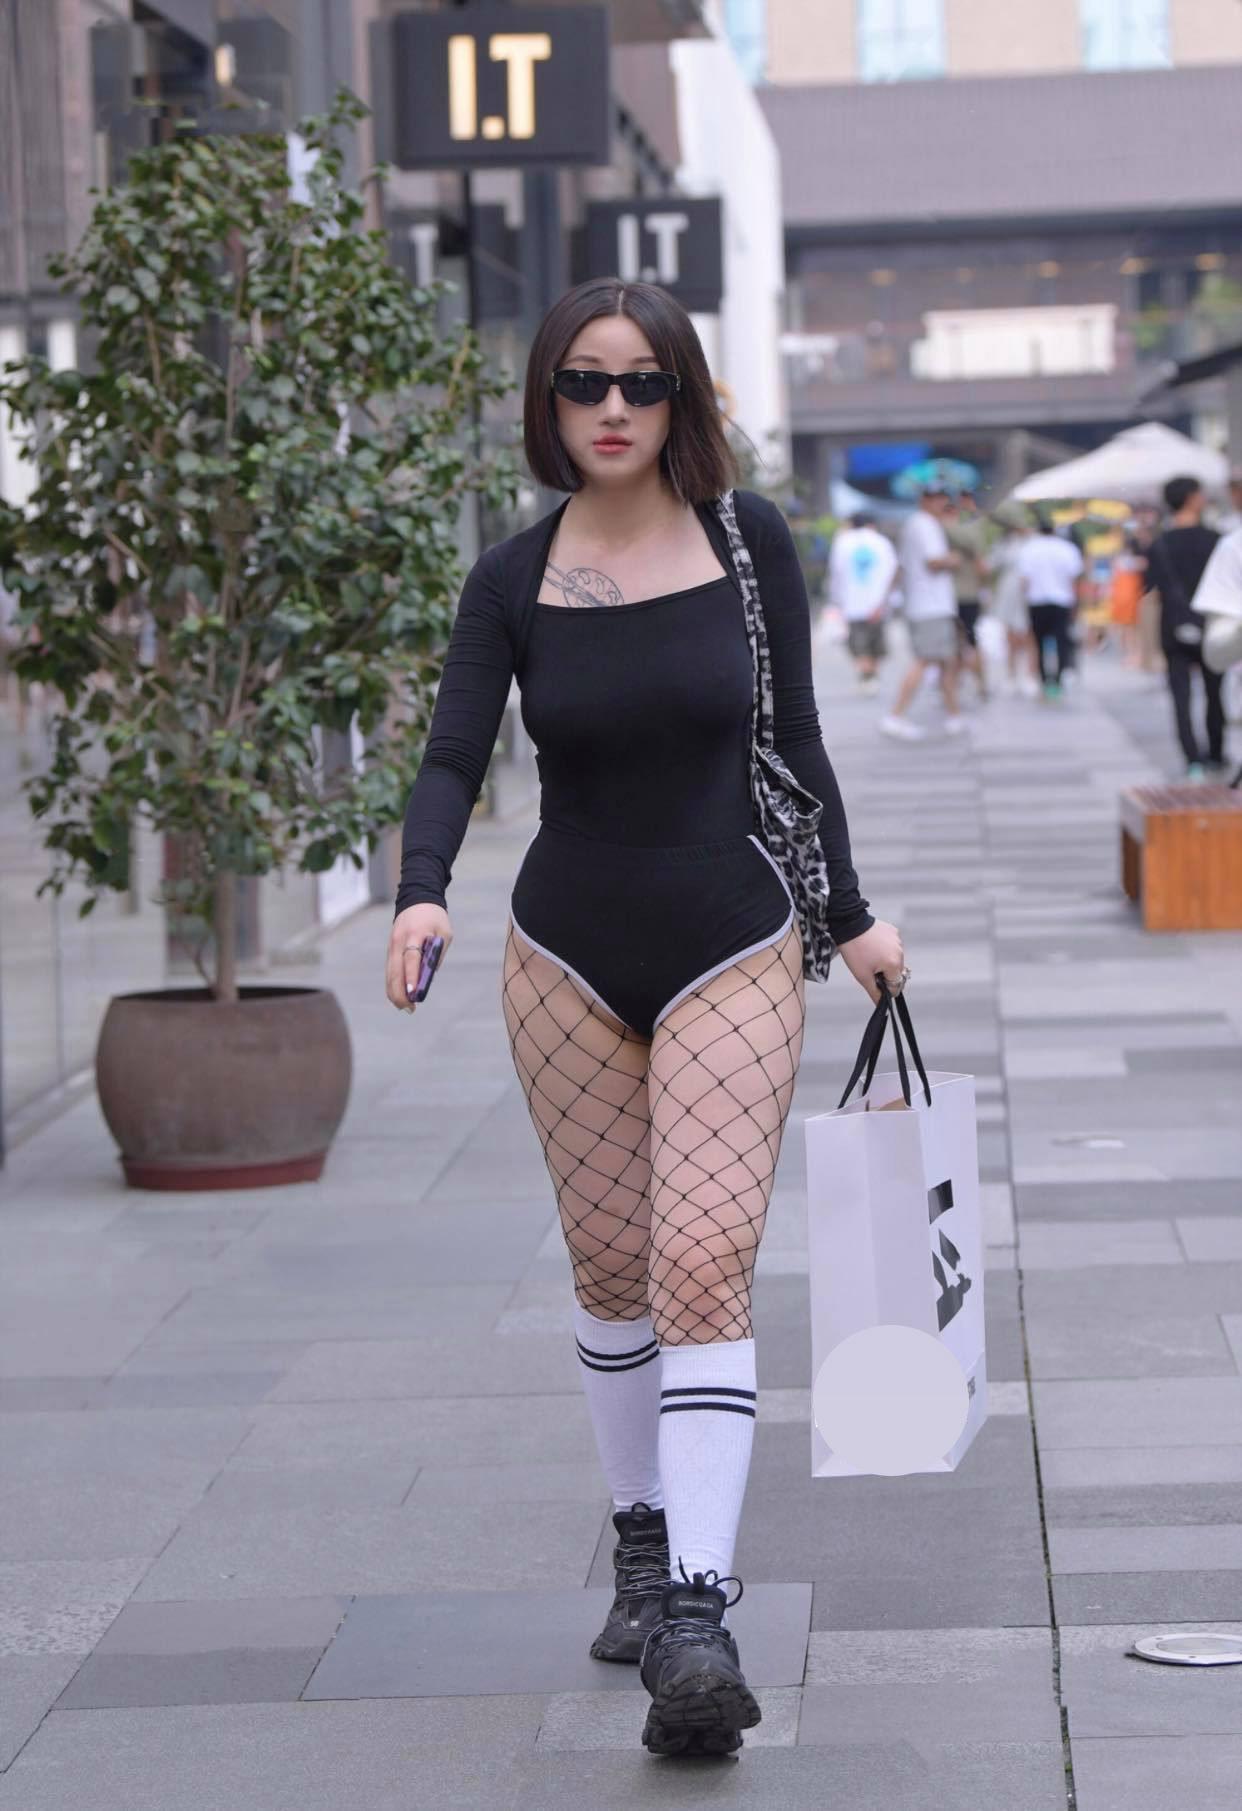 Gu mặc lạc quẻ khó hiểu của hot girl đường phố